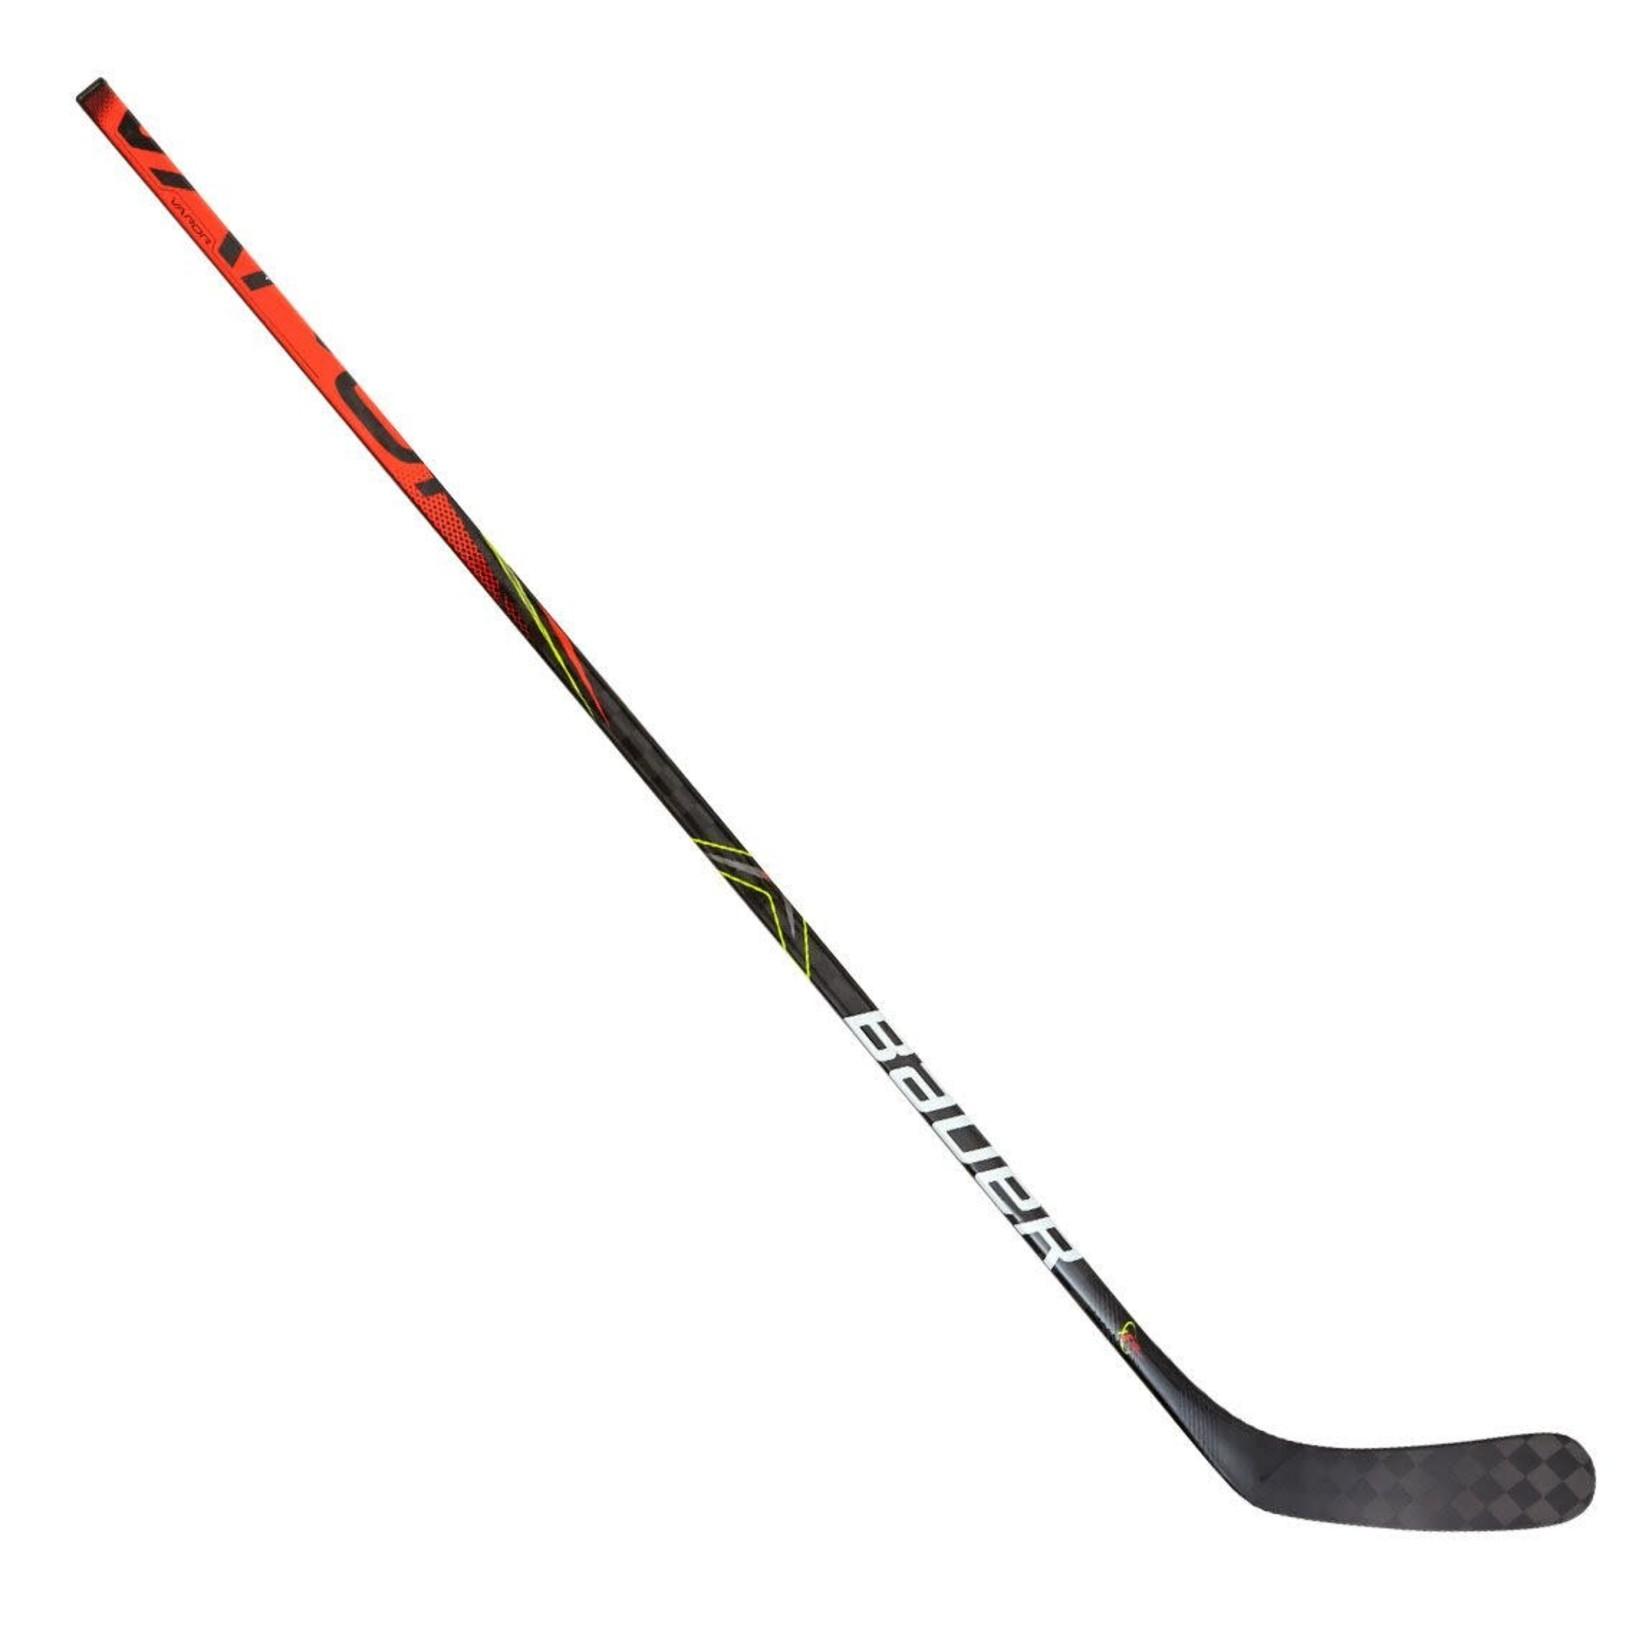 Bauer Bauer Hockey Stick, Vapor 2X Pro, Senior, Grip